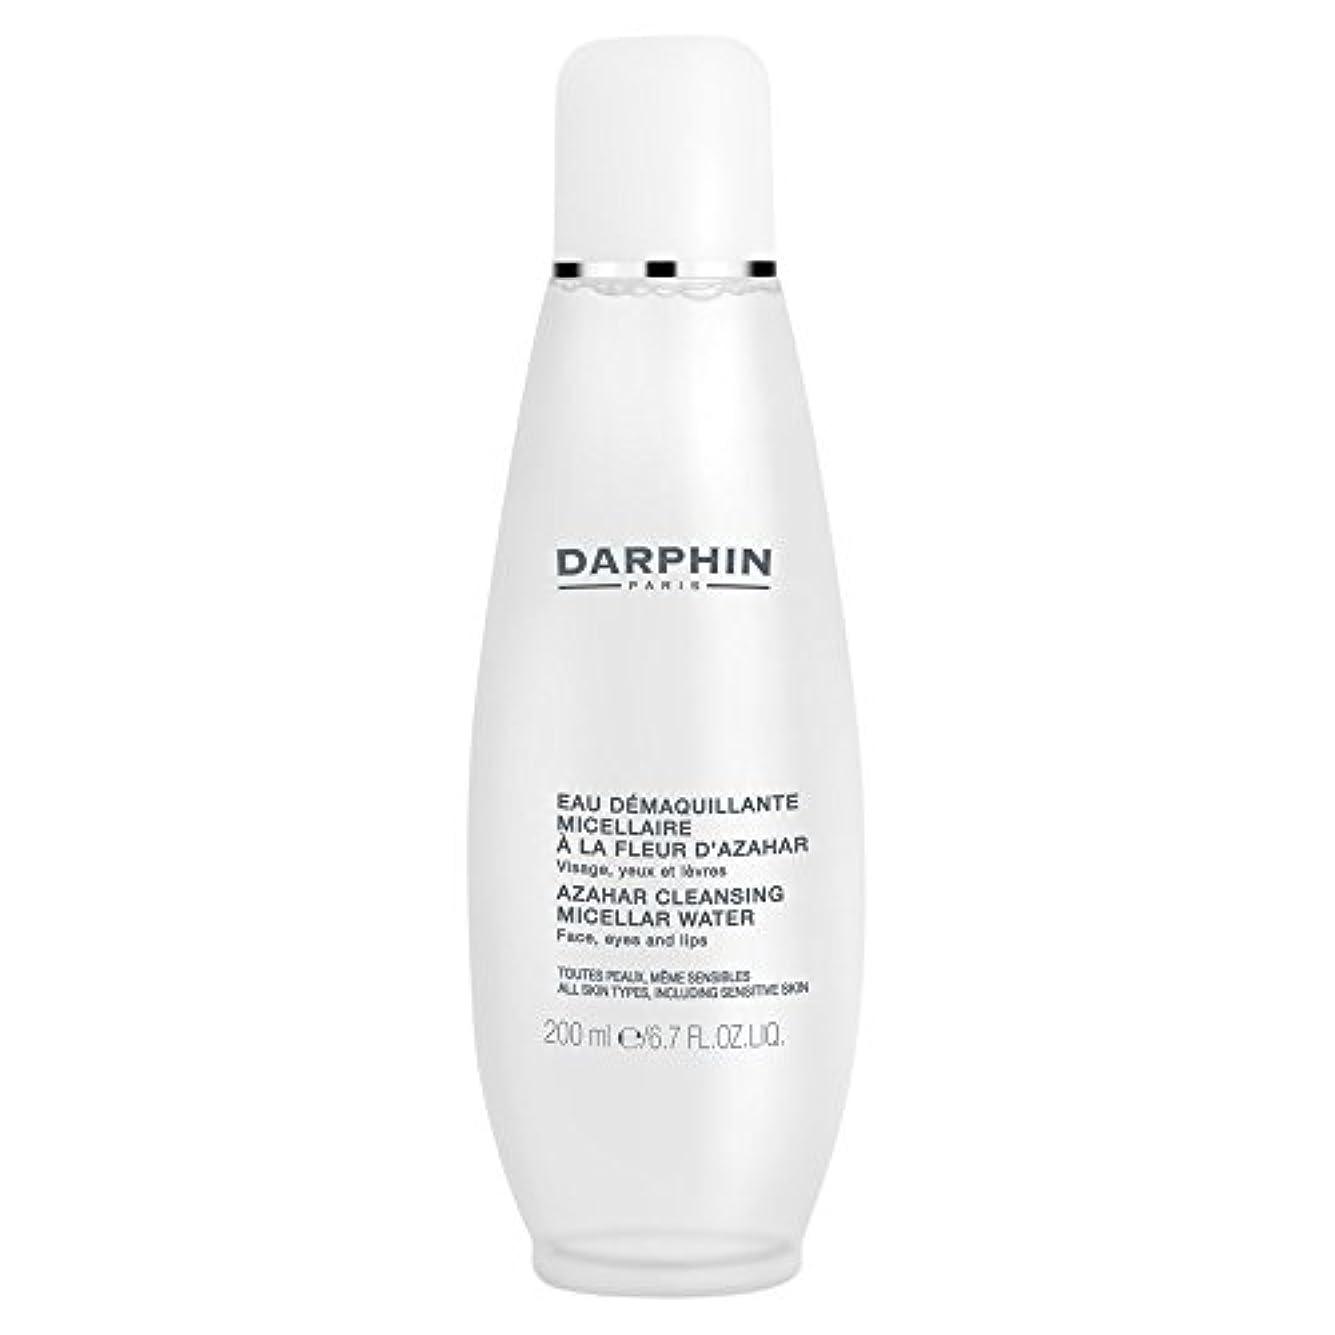 ポーチイブアラバマミセル水クレンジングアサールダルファン、200ミリリットル (Darphin) (x6) - Darphin Azahar Cleansing Micellar Water, 200ml (Pack of 6) [並行輸入品]